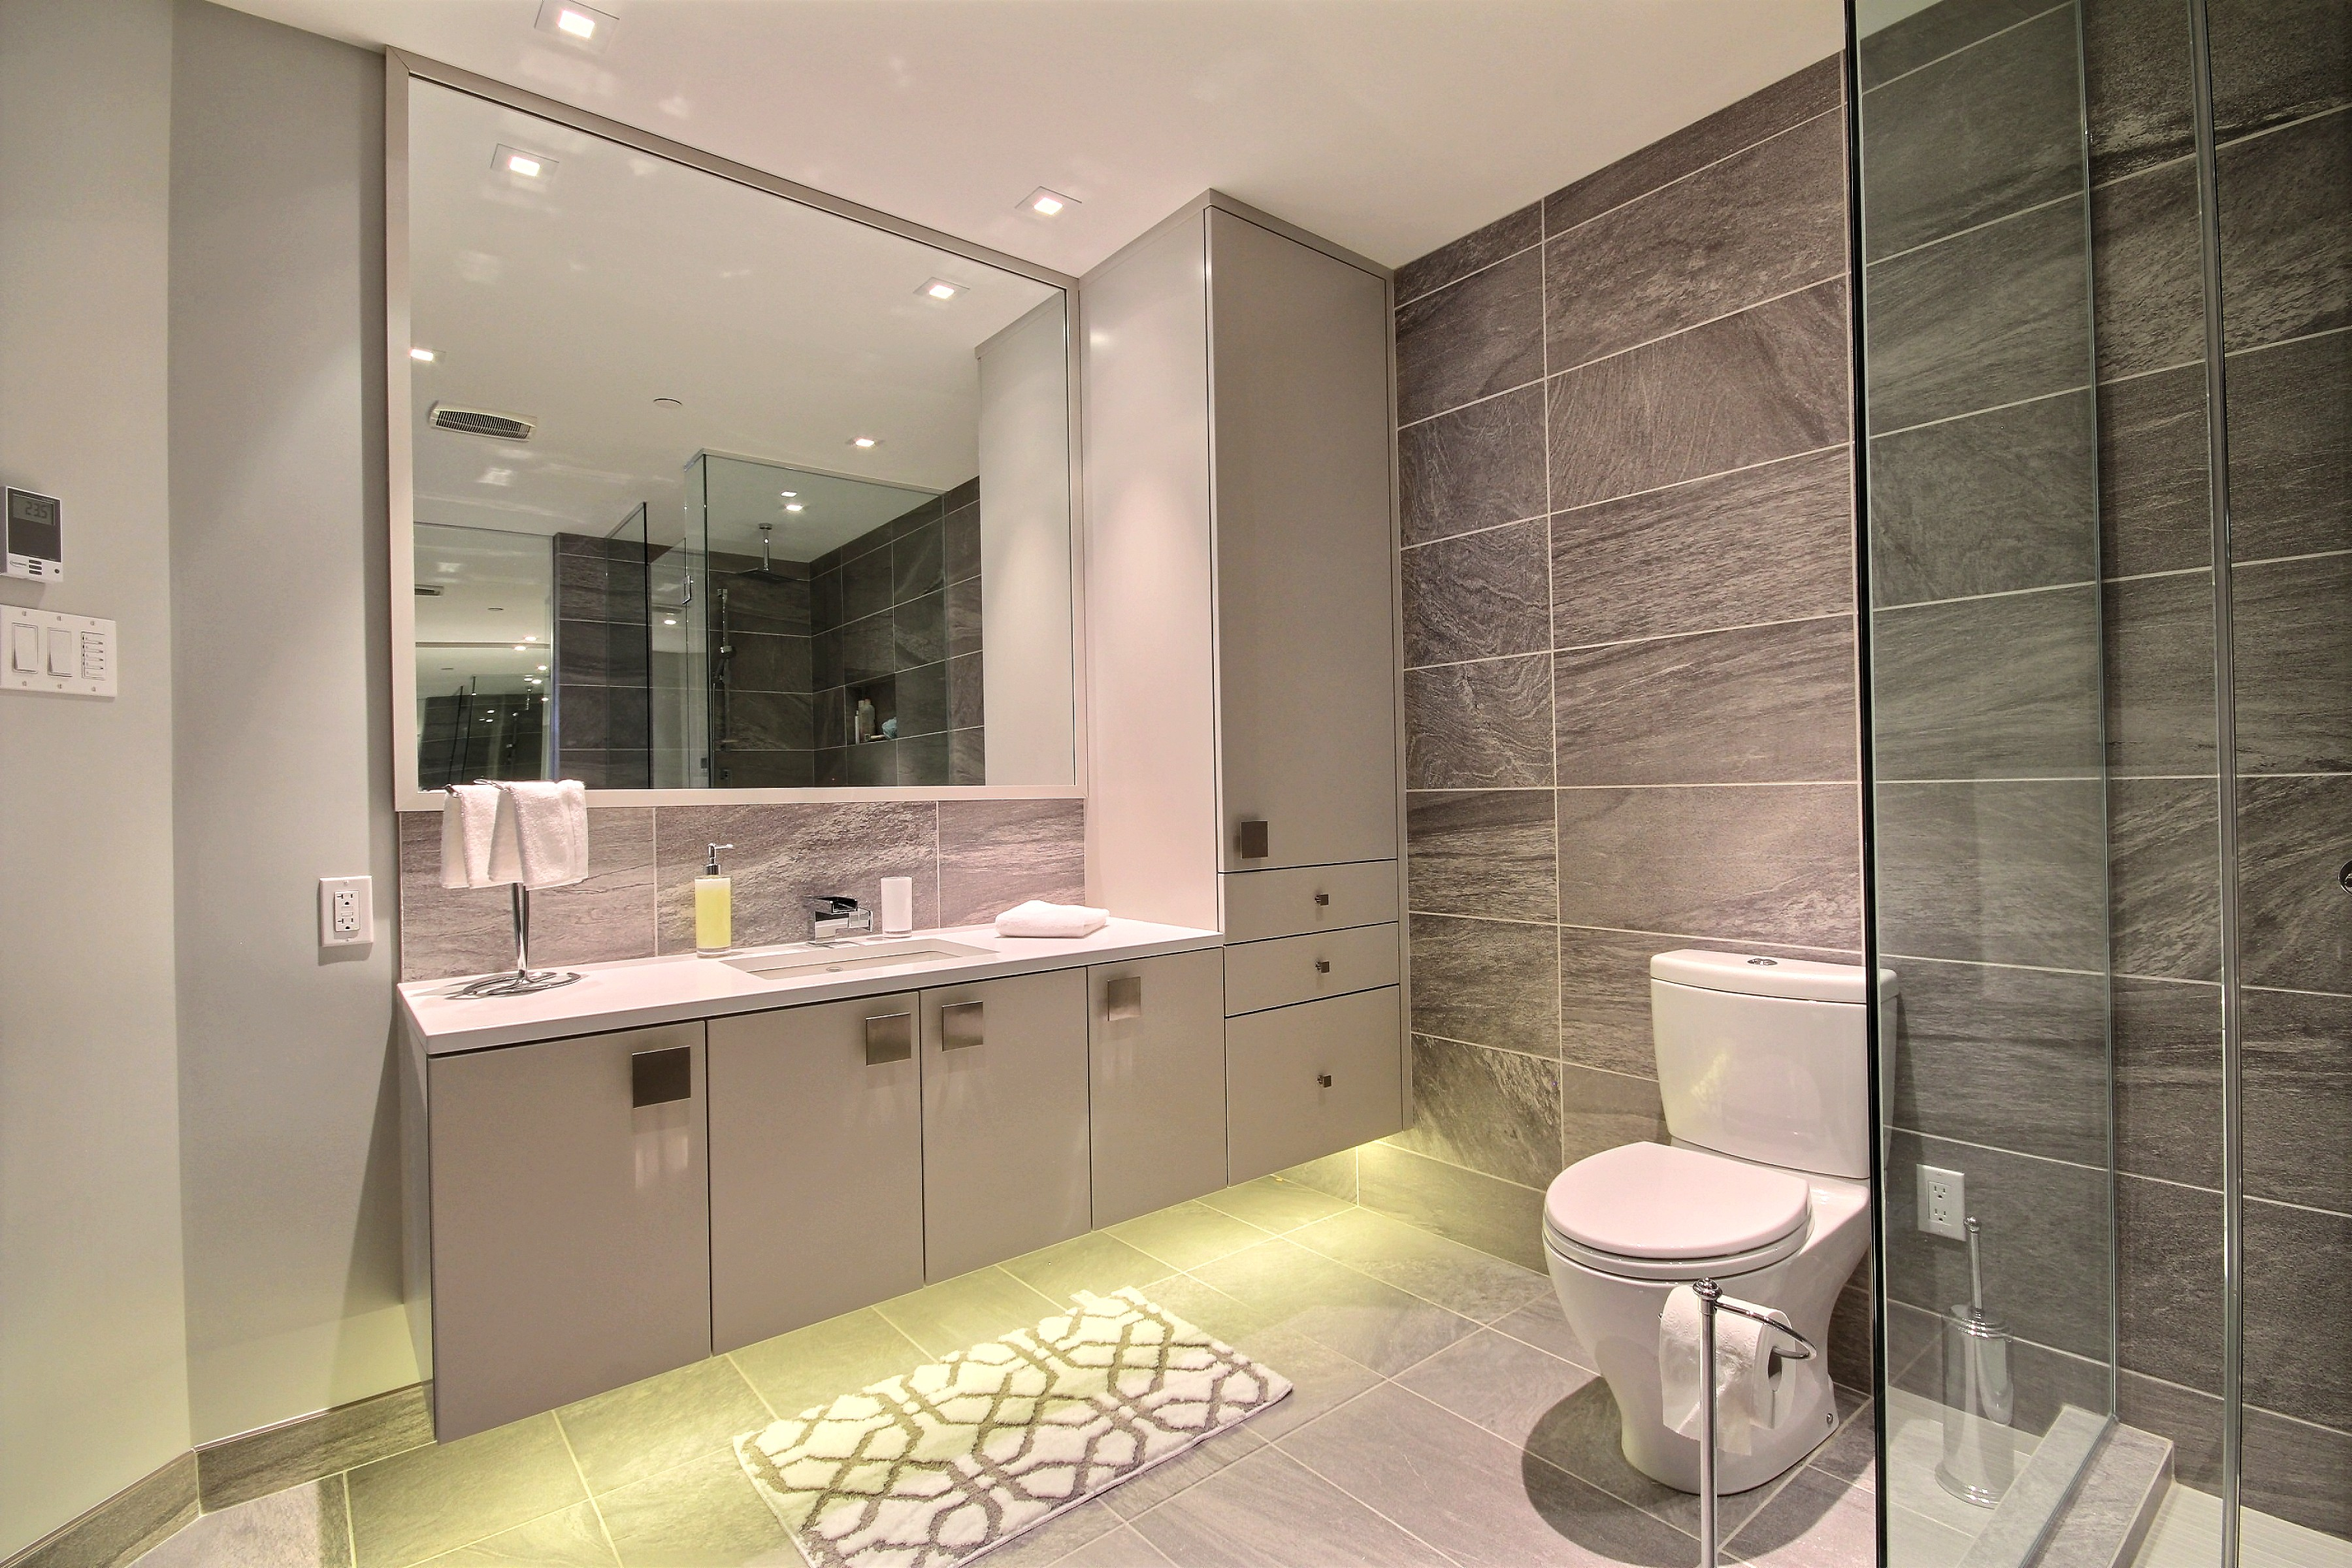 Ванная комната с душевой кабиной большой